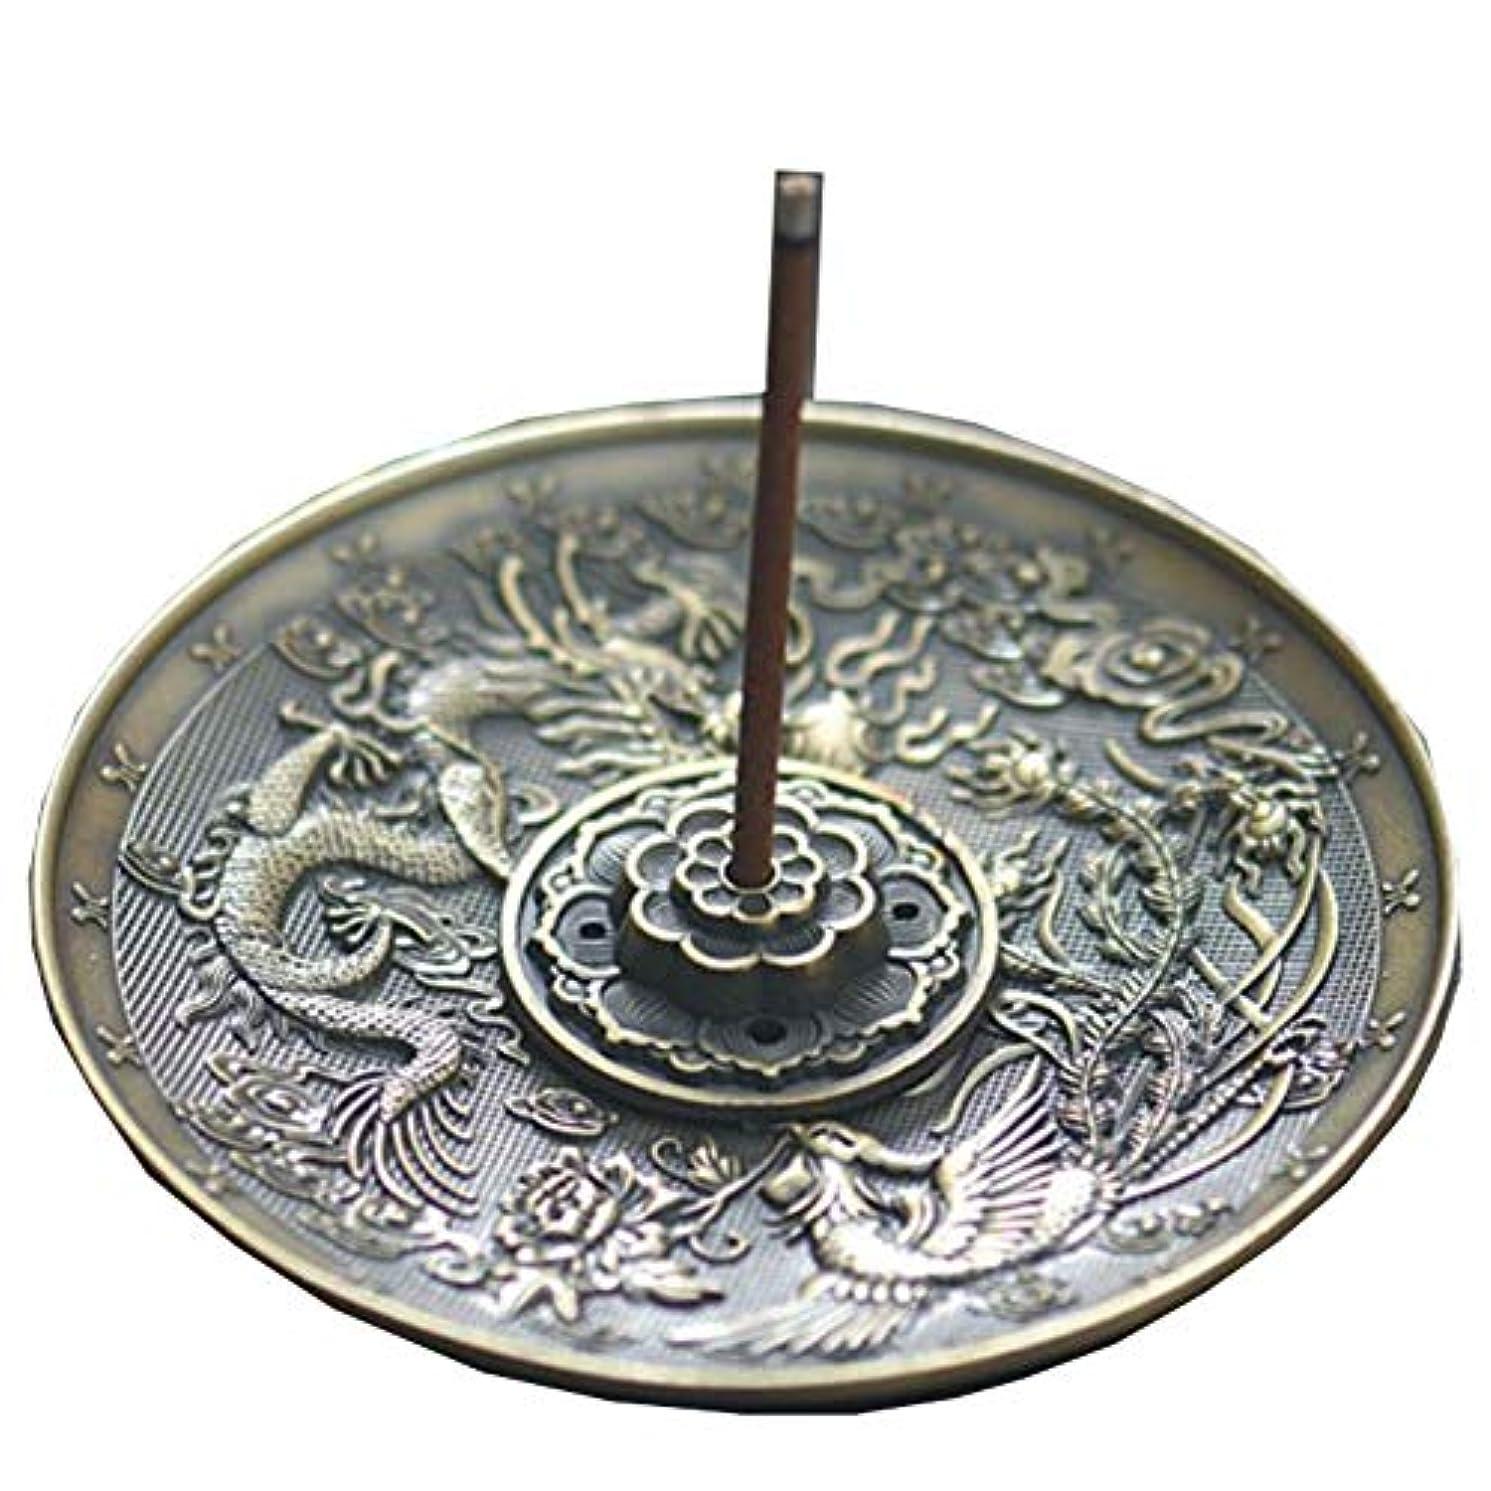 ダメージ上下する中傷[RADISSY] お香立て 香炉 香皿 スティック 円錐 タイプ お香 スタンド 龍のデザイン (青銅色5穴)